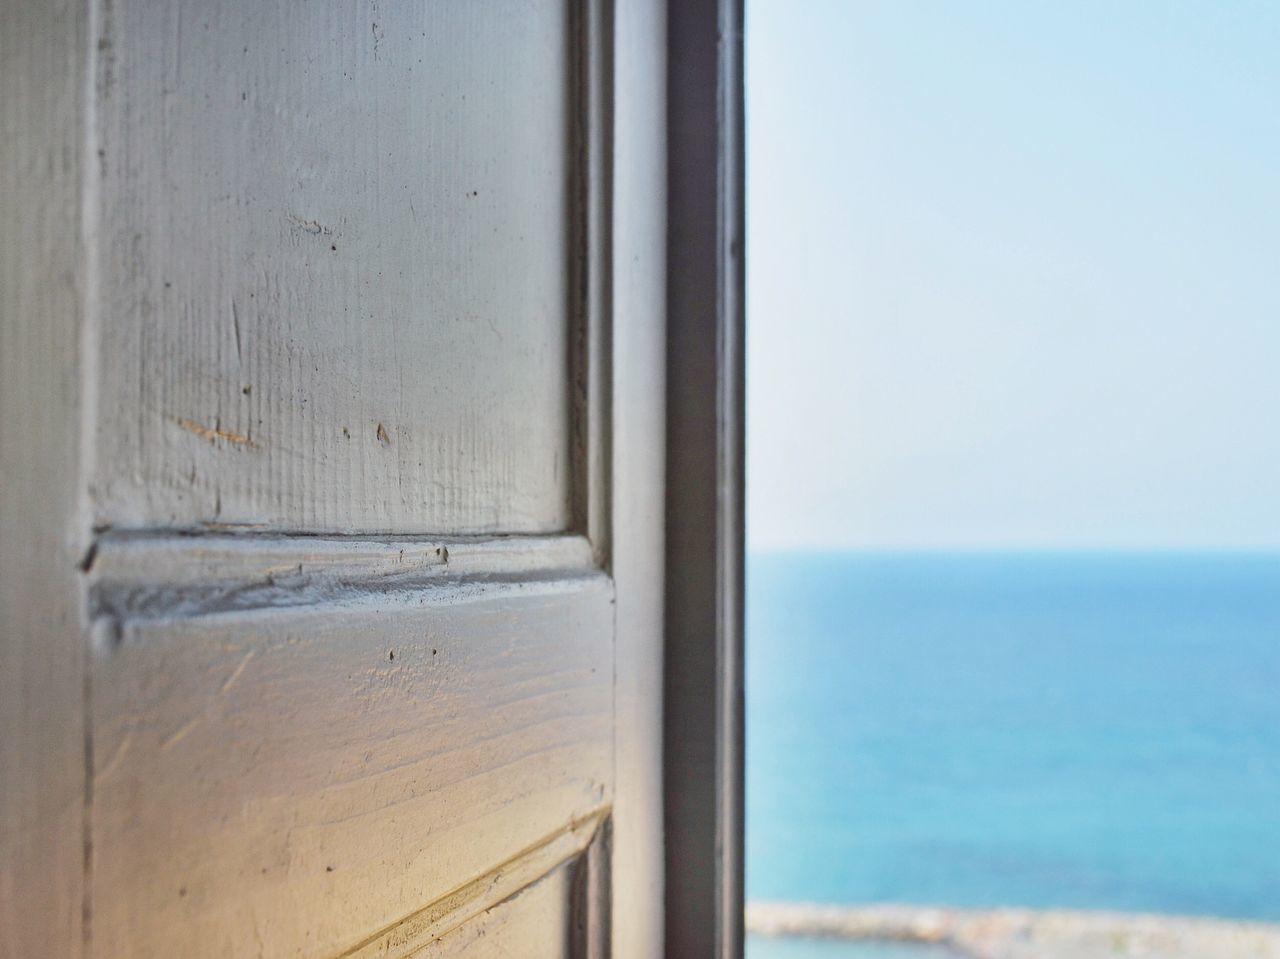 Sea Against Sky Seen Through Open Door